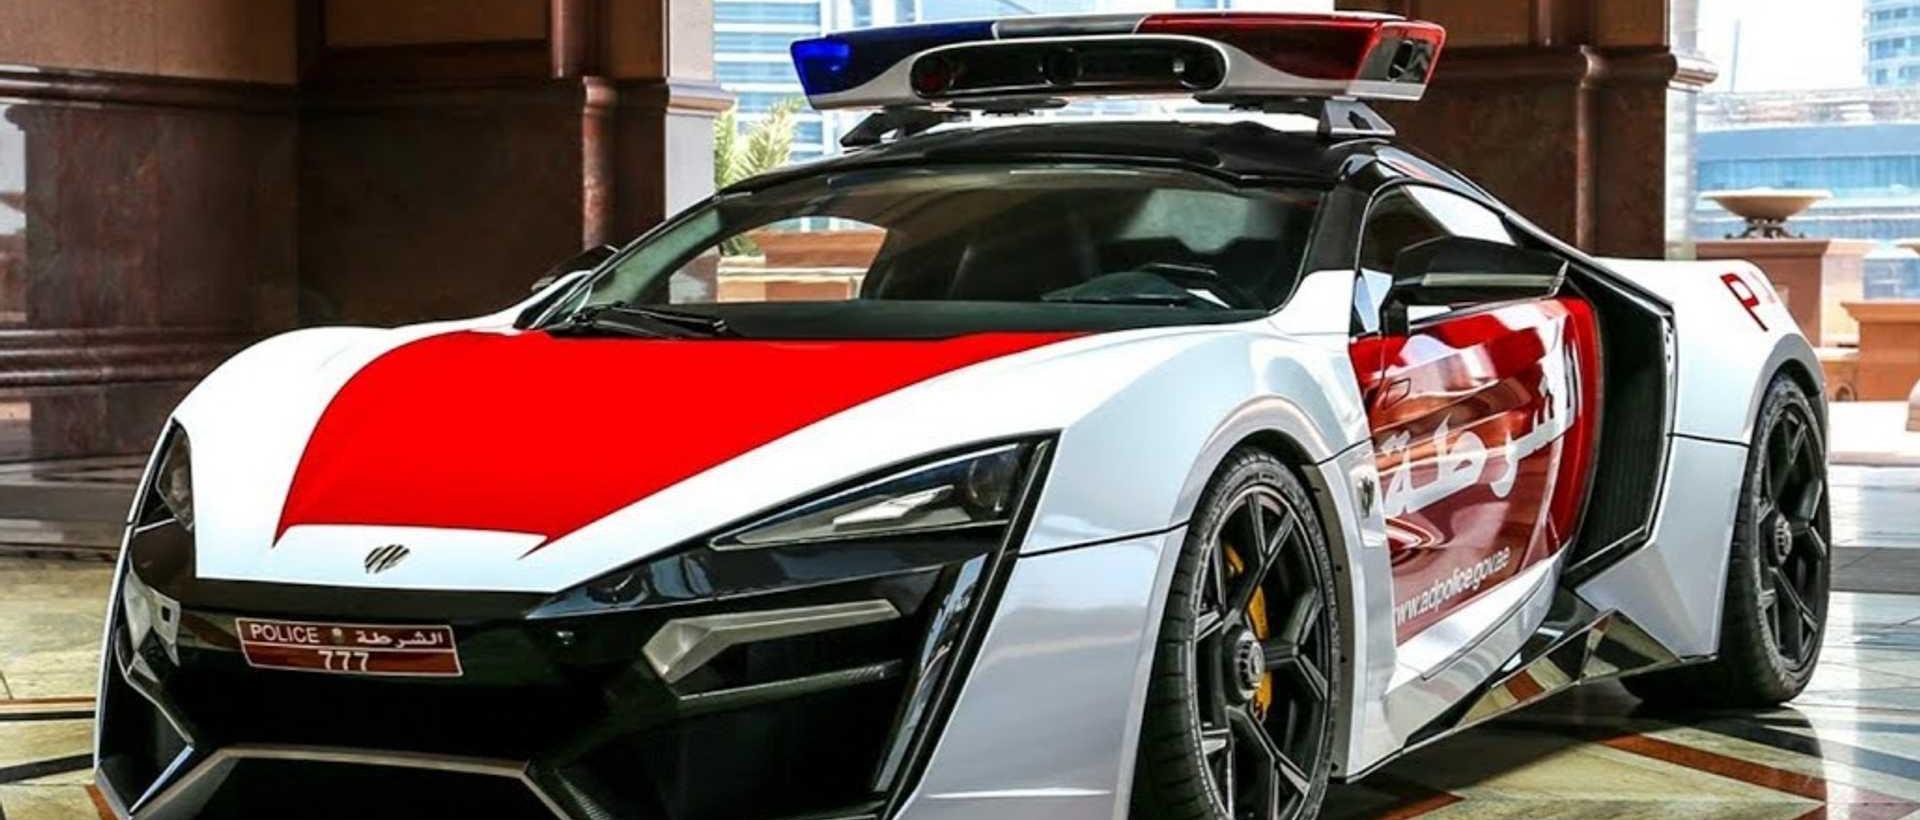 Un patrullero súper deportivo en Abu Dhabi